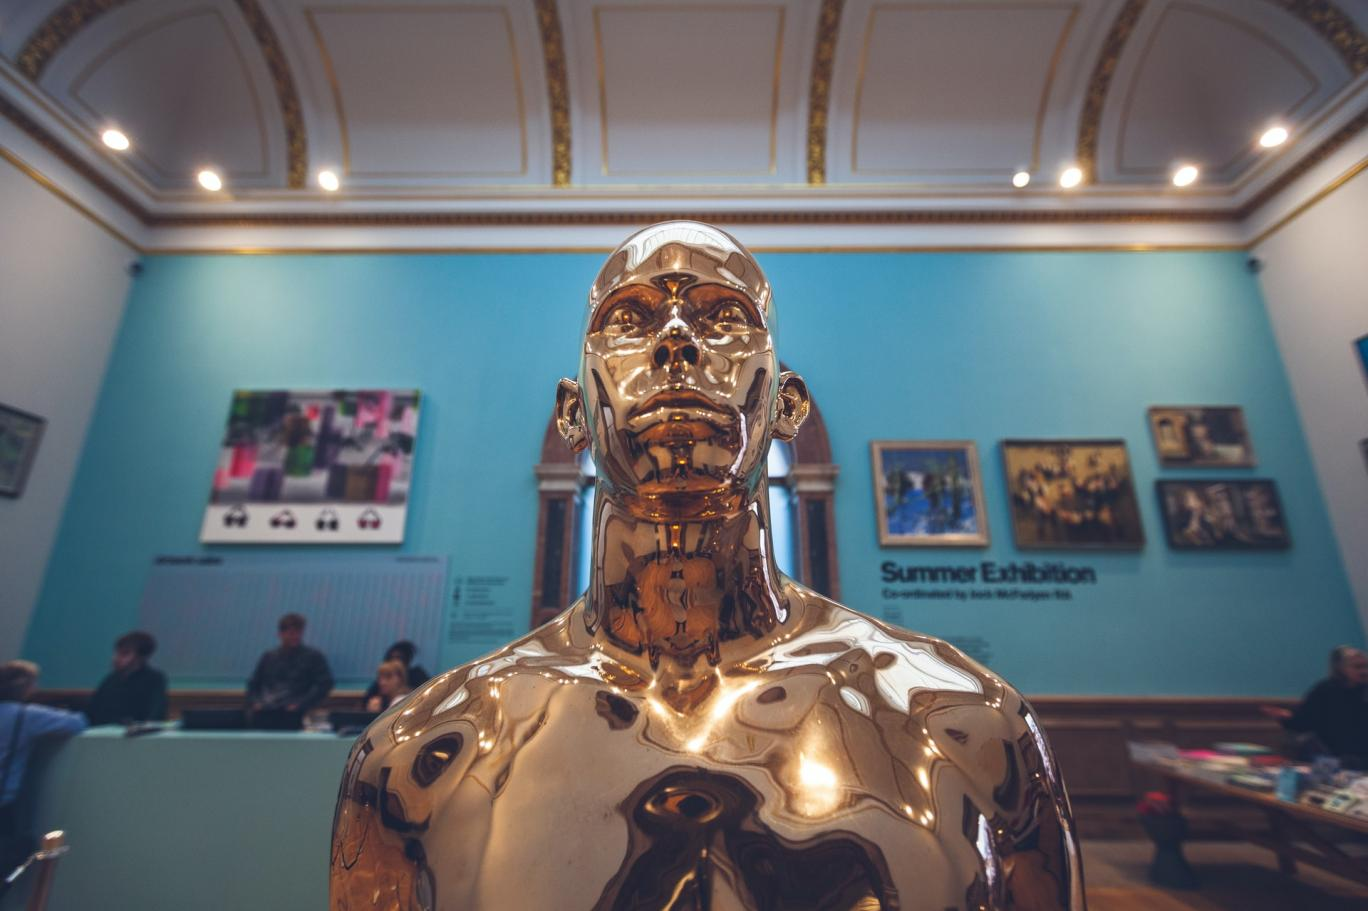 Yeni Black Mirror Bölümü Microsoft'tan: Kaybettiğimiz Yakınlarımızı Chat Robotu Olarak Diriltme Patenti Alındı